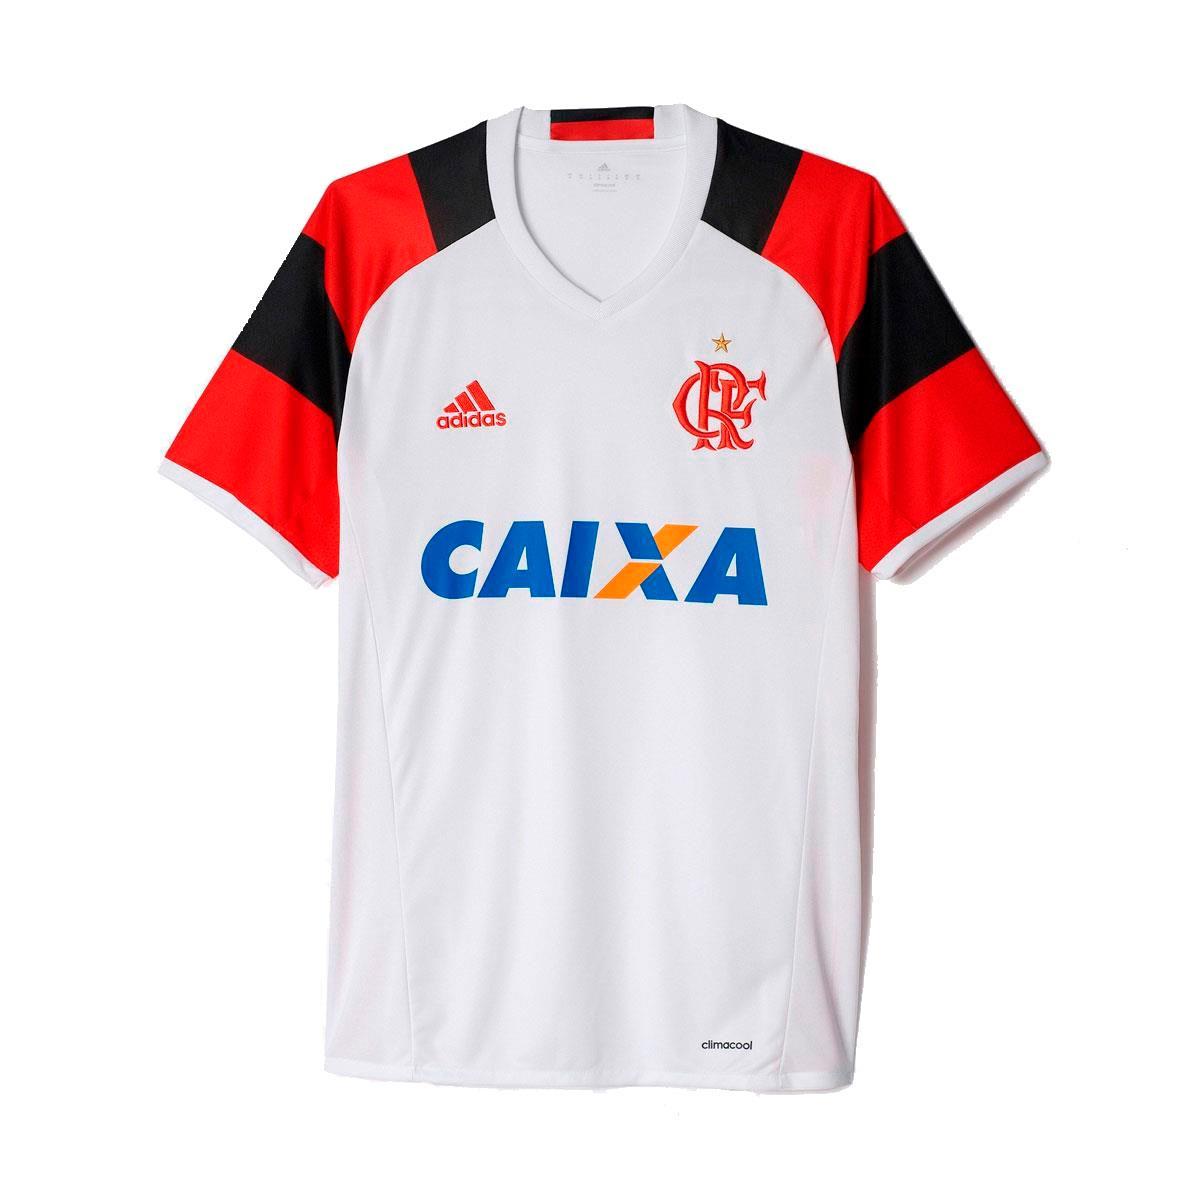 Camisa Adidas Flamengo II 2016 2017 Tocedor Masculina 411d0bb15d1d5